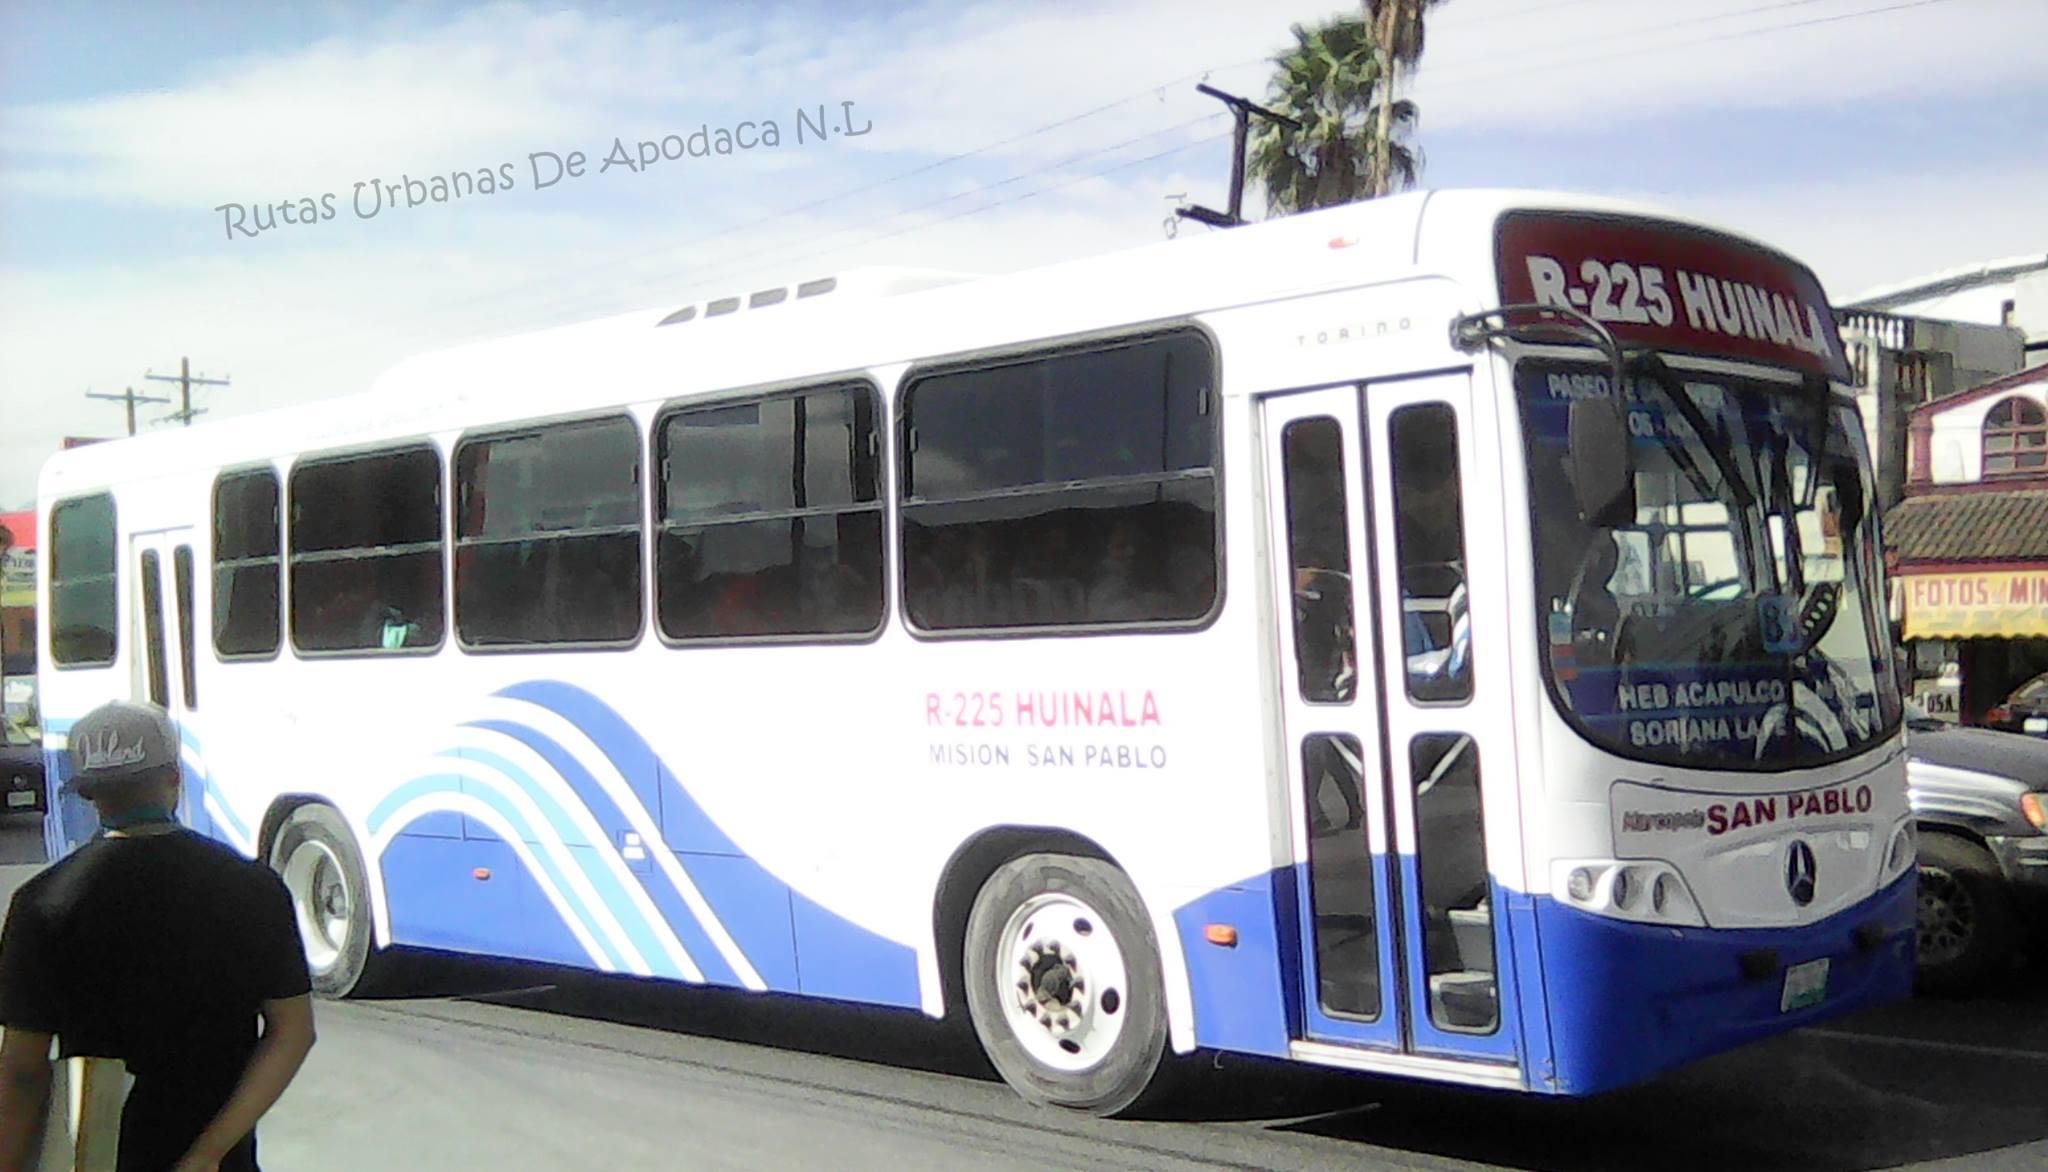 Tijuana camion azul y blanco cogiendo - 1 part 6